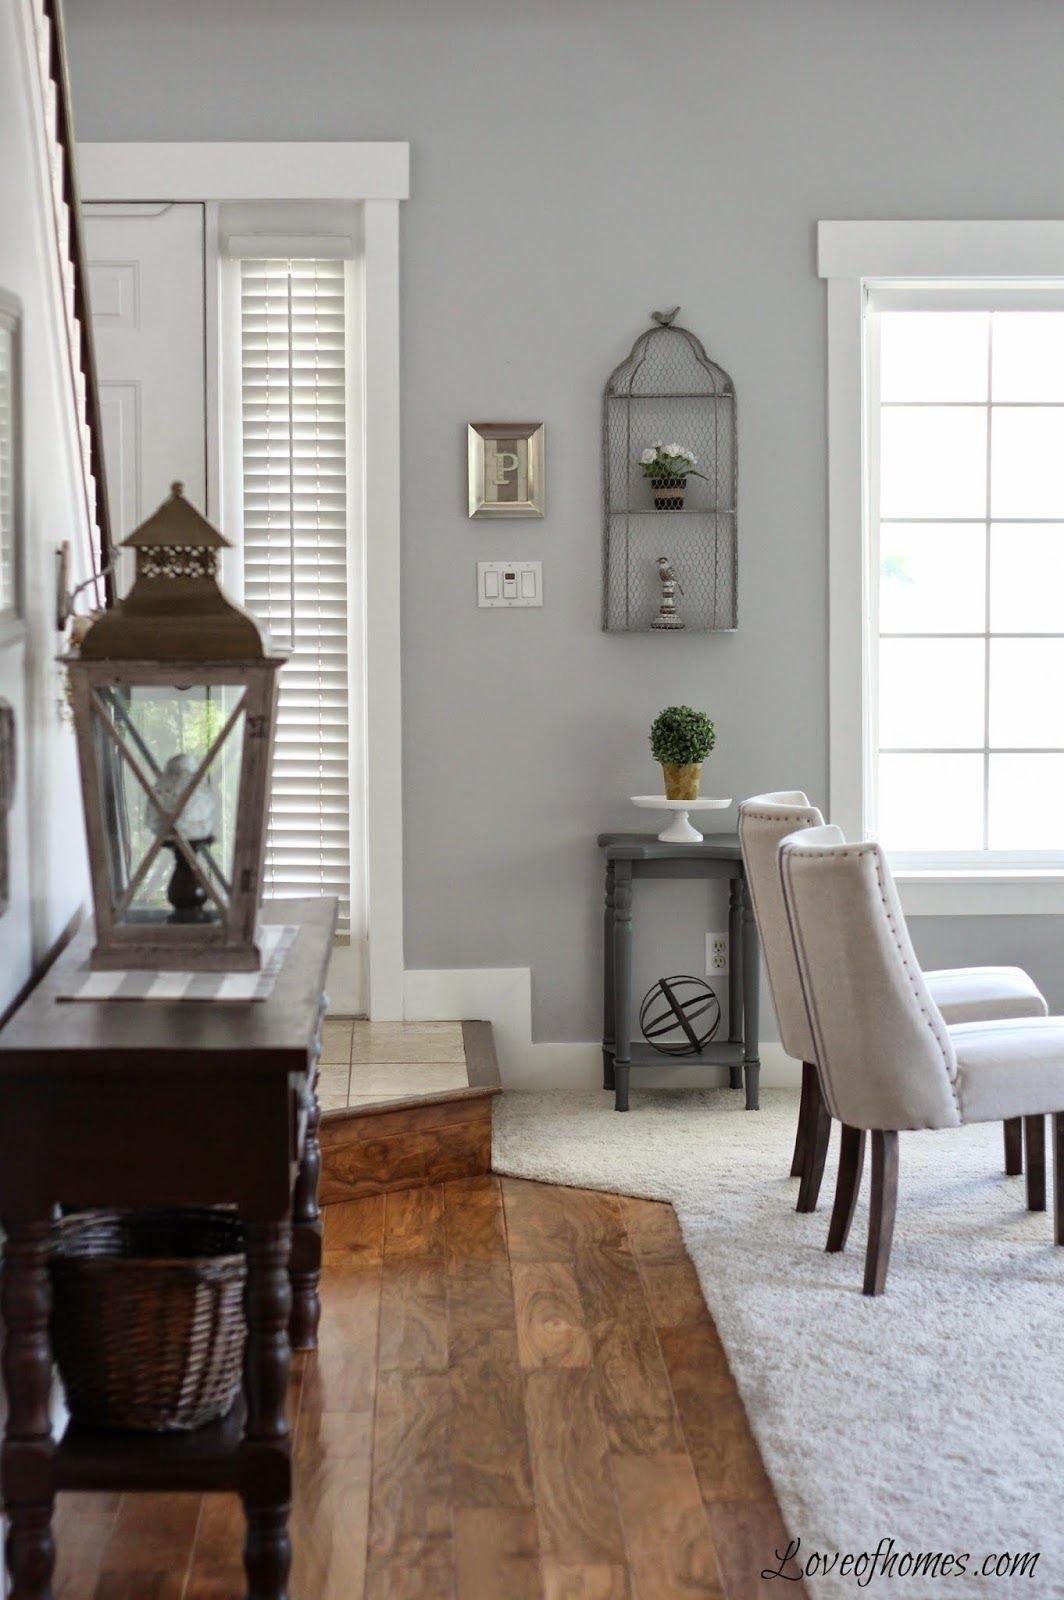 10 Spectacular Living Room Paint Color Ideas benjamin moore pelican grey grey pinterest benjamin moore 1 2020